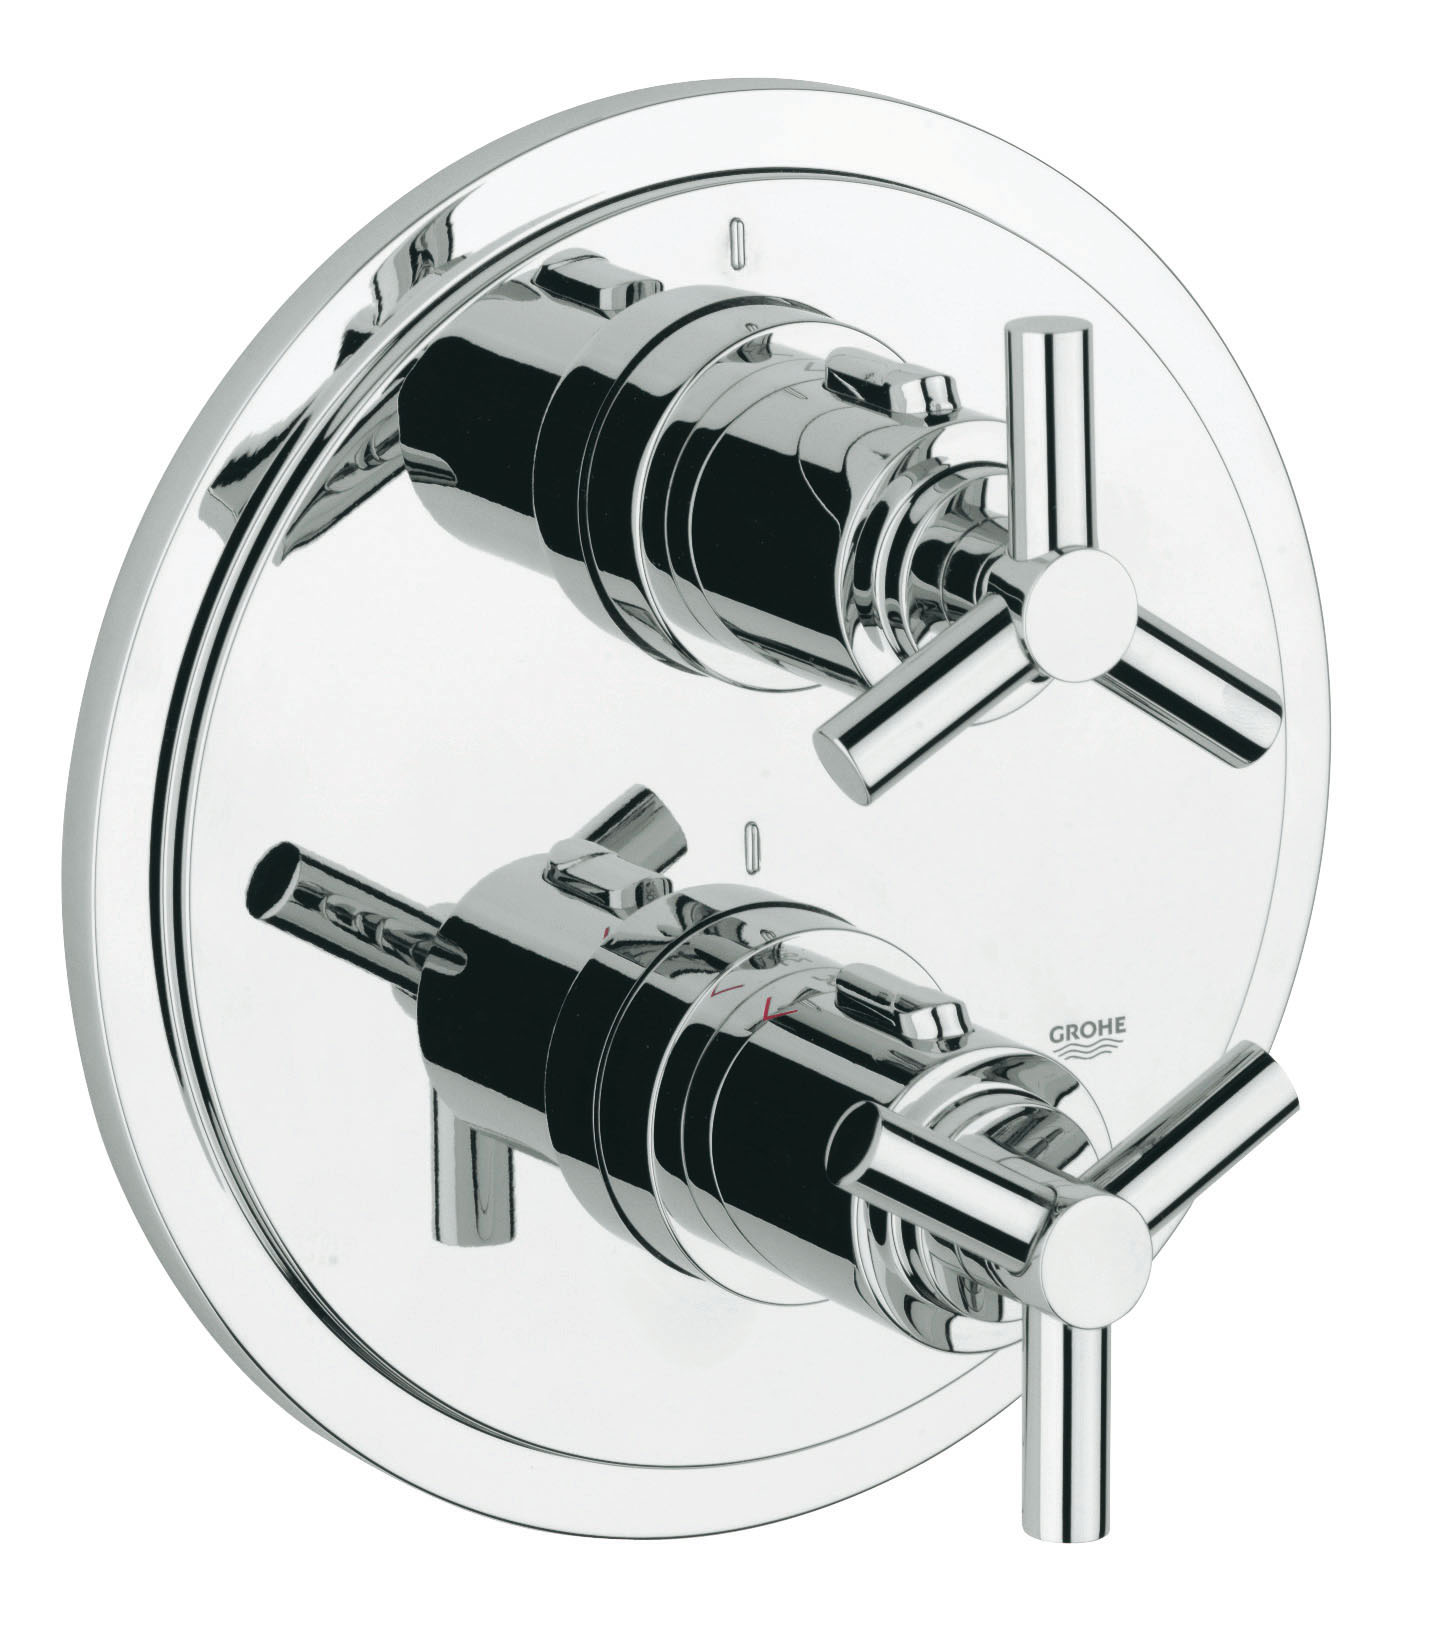 Смеситель термостатический Grohe Atrio ypsilon 19394000 32129001 atrio 7° смеситель однорычажный для раковины grohe